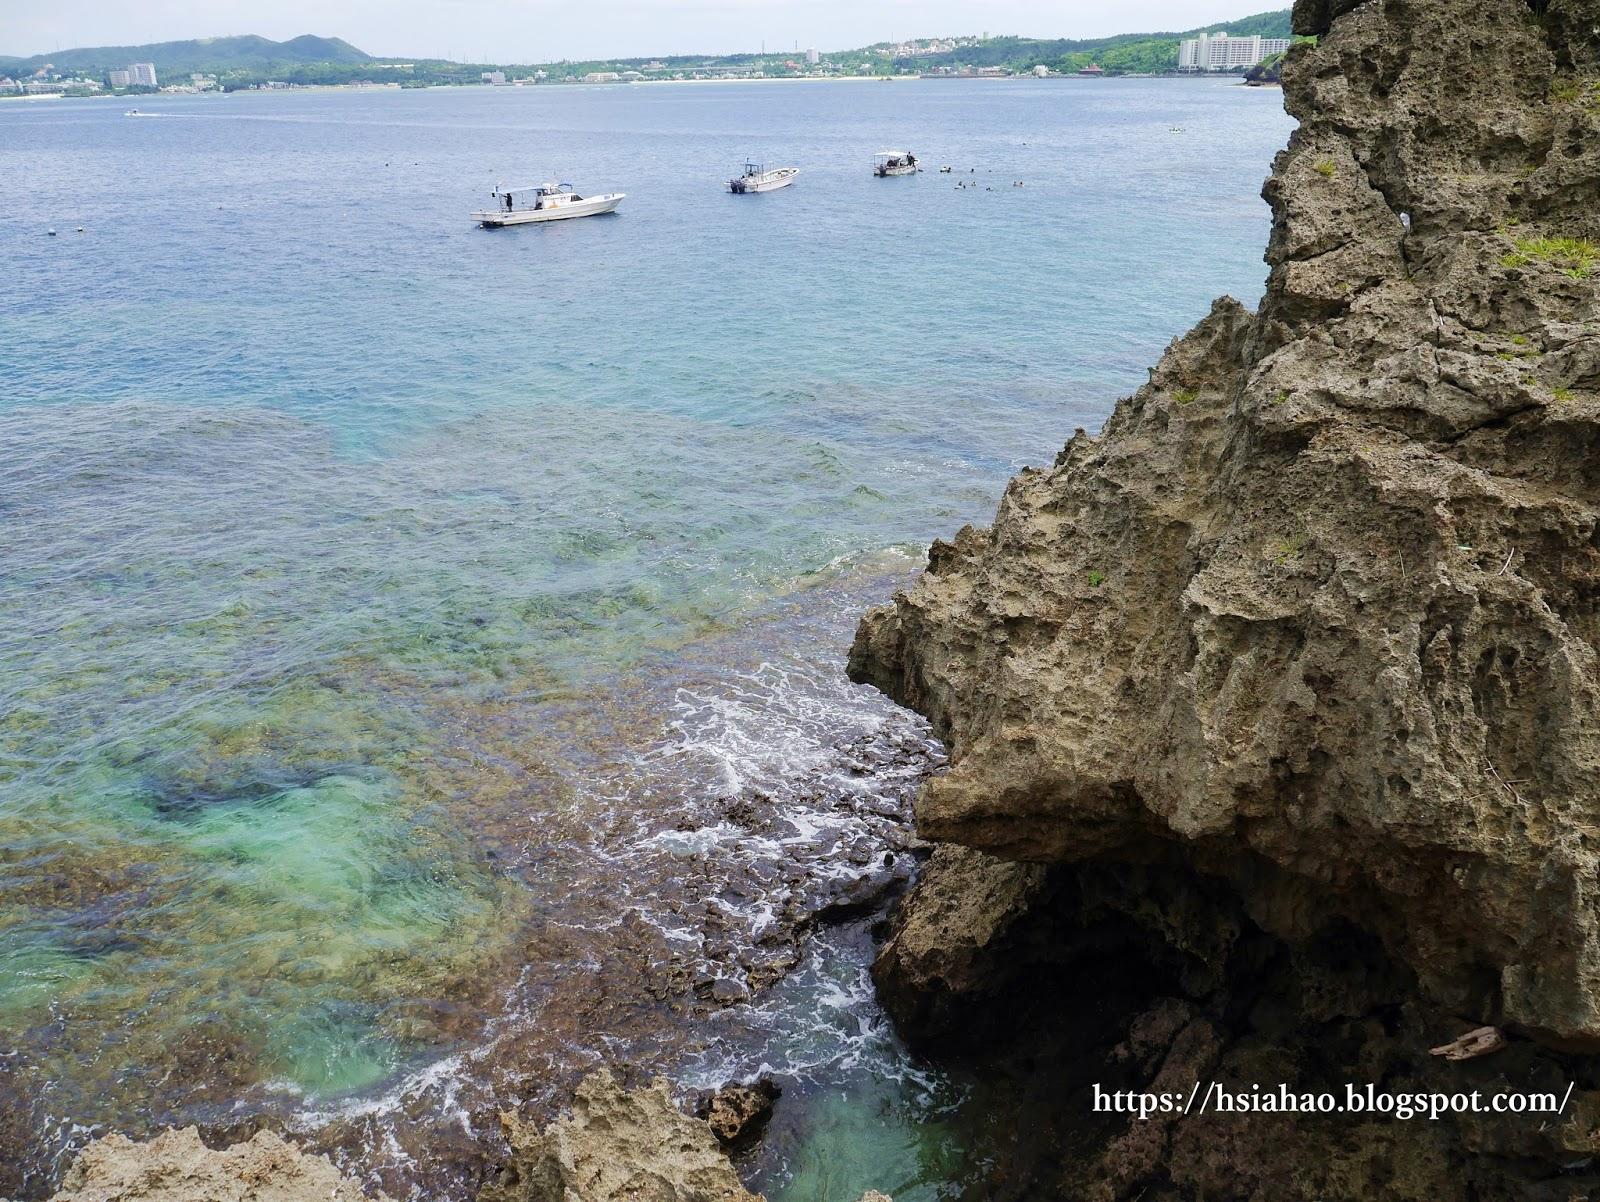 沖繩-景點-推薦-真榮田岬-青之洞窟-真榮田岬潛水-真榮田岬浮潛-青之洞窟潛水-青之洞窟浮潛-青の洞窟-自由行-旅遊-Okinawa-diving-snorkeling-maeda-cape-blue-cave